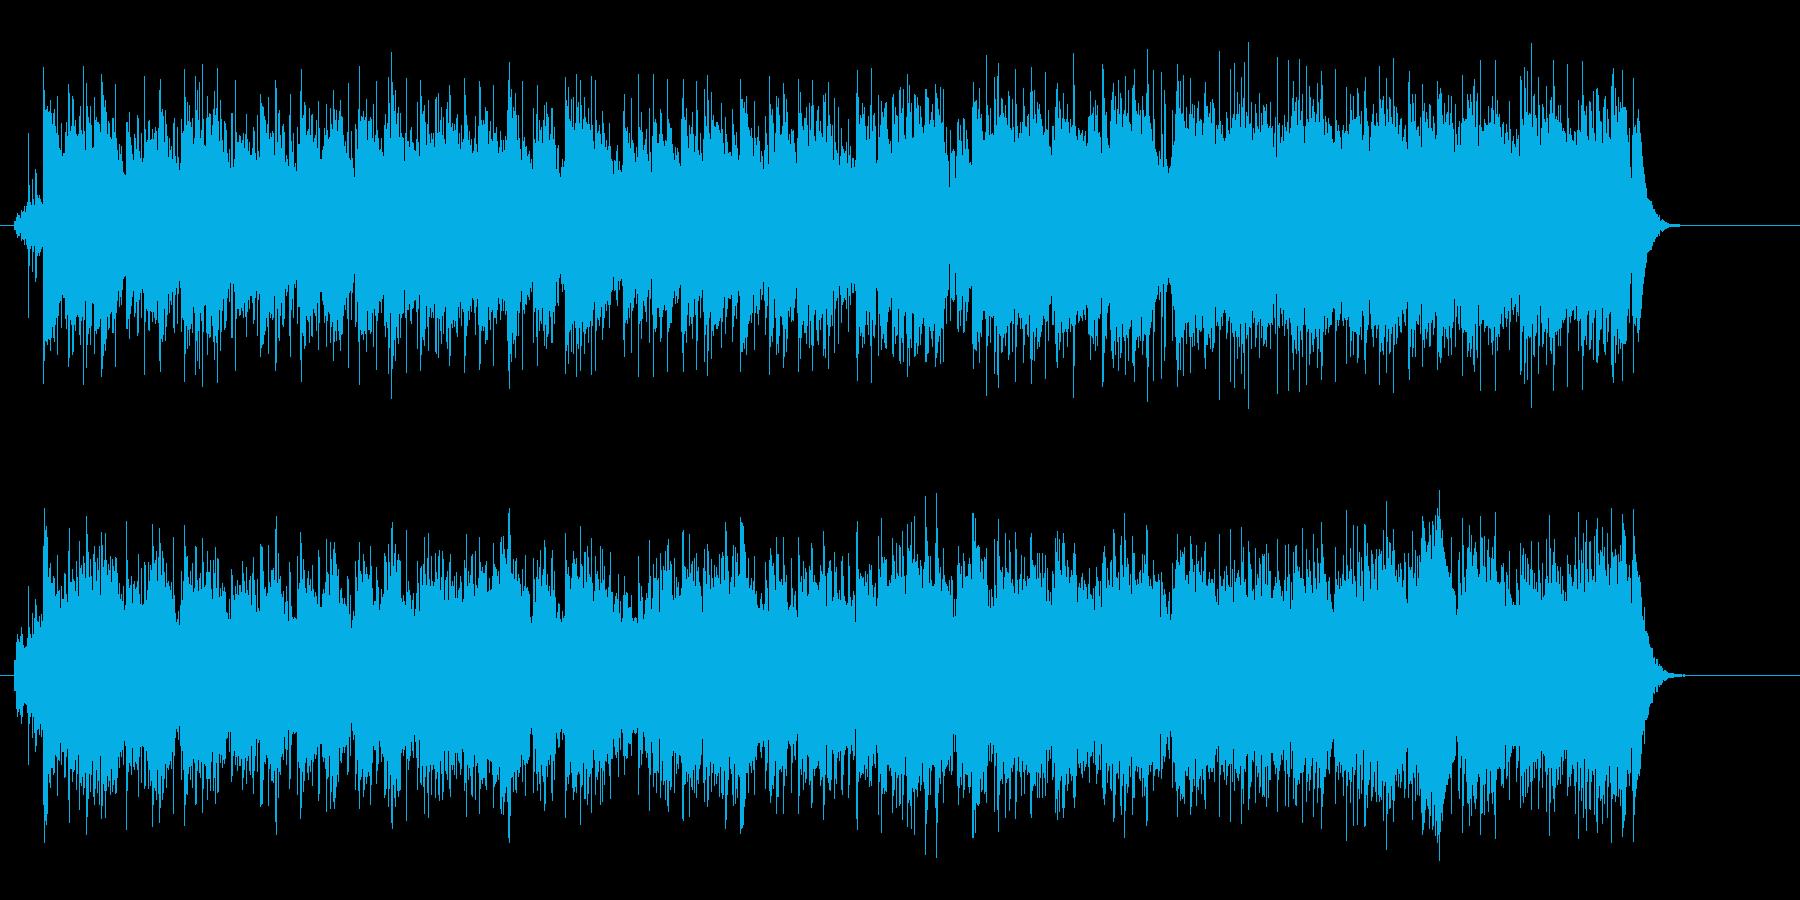 澄み切った青空のニュー・ミュージックの再生済みの波形